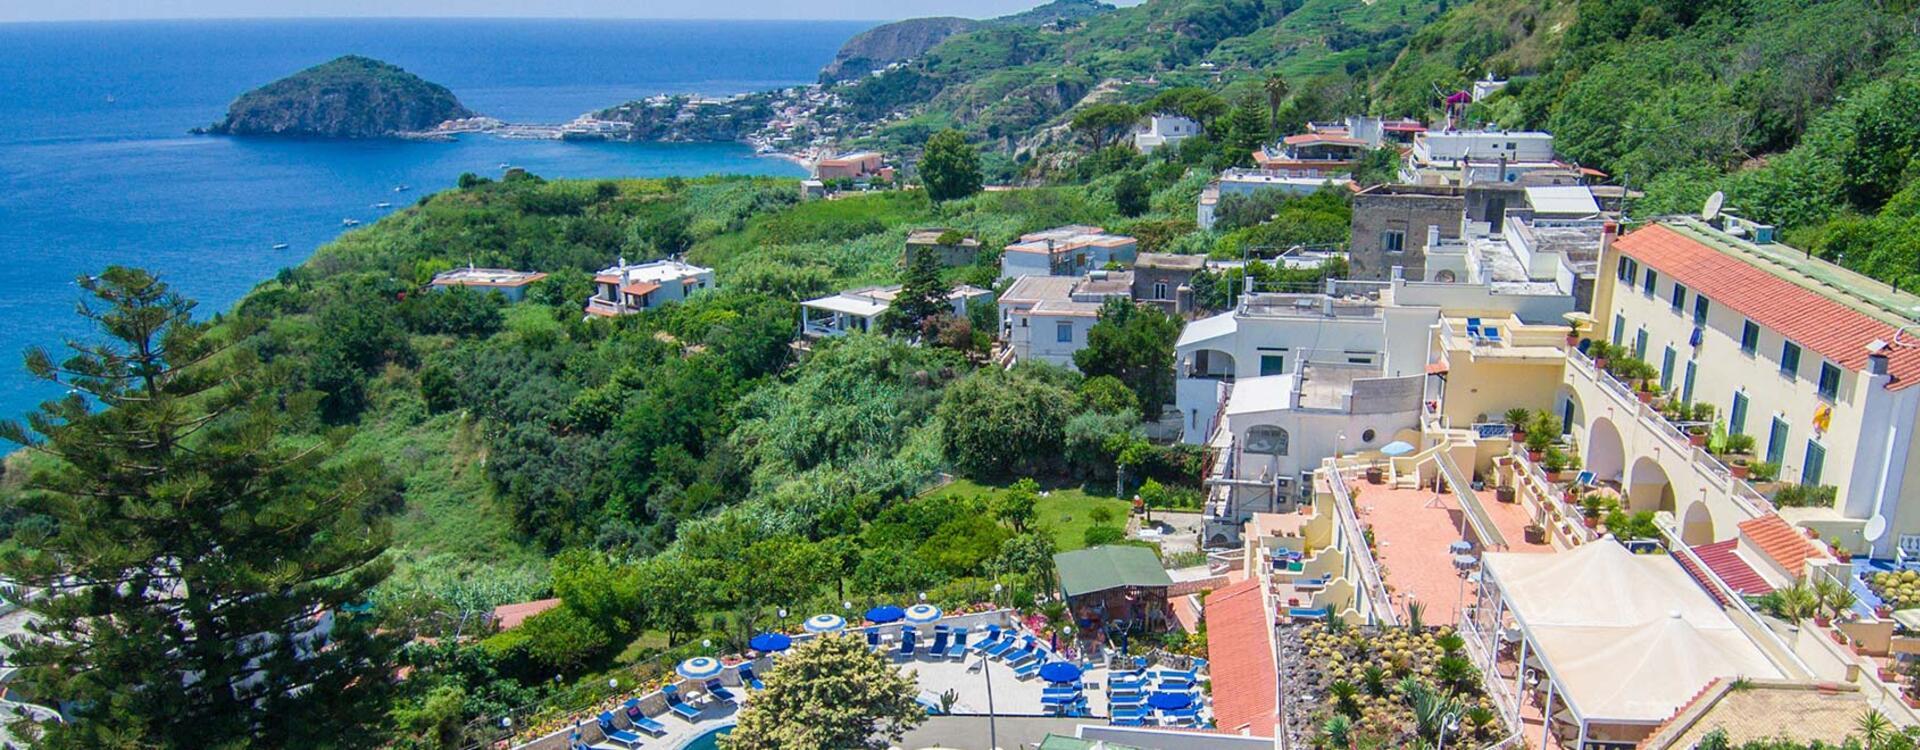 hotelsaintraphaelischia en hotel-ischia-beach-included 010